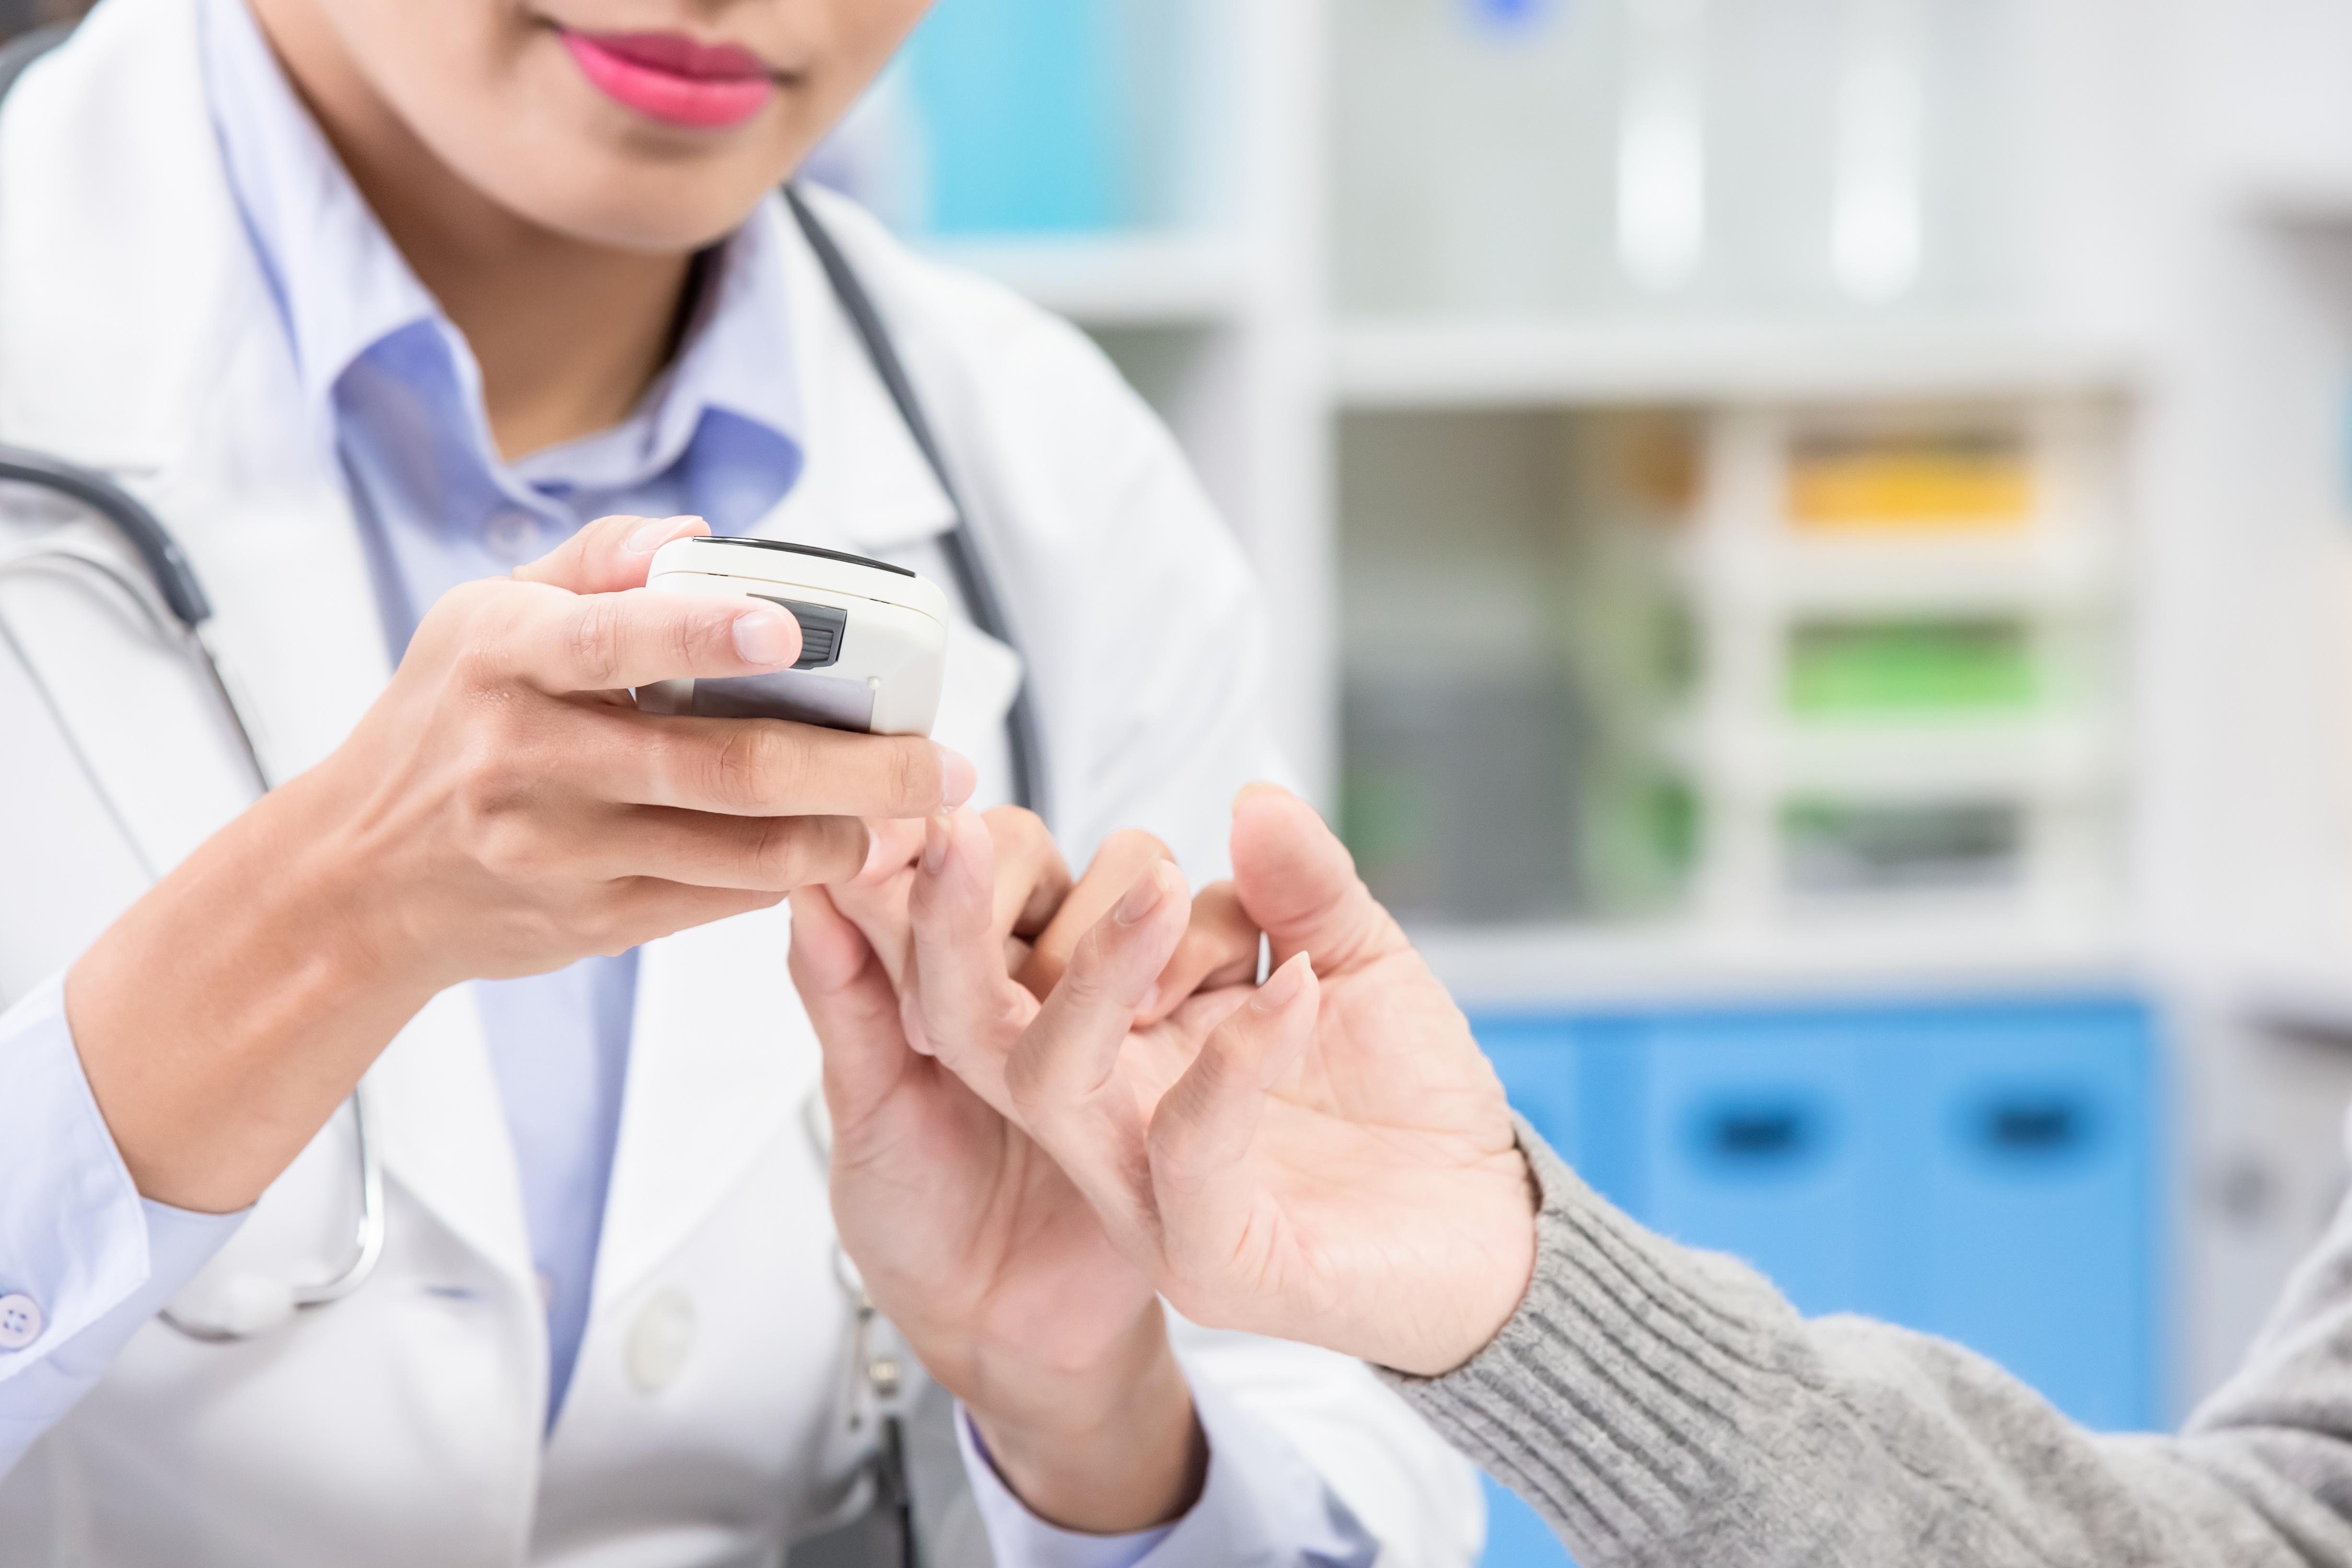 2 nouveaux groupes de médicaments prescrits principalement pour le traitement du diabète de type 2 (les inhibiteurs du SGLT2 et les analogues du GLP-1) pourraient réduire considérablement les risques associés à l'insuffisance rénale chronique (IRC) et aux maladies cardiaques (Visuel Adobe Stock 277500131)